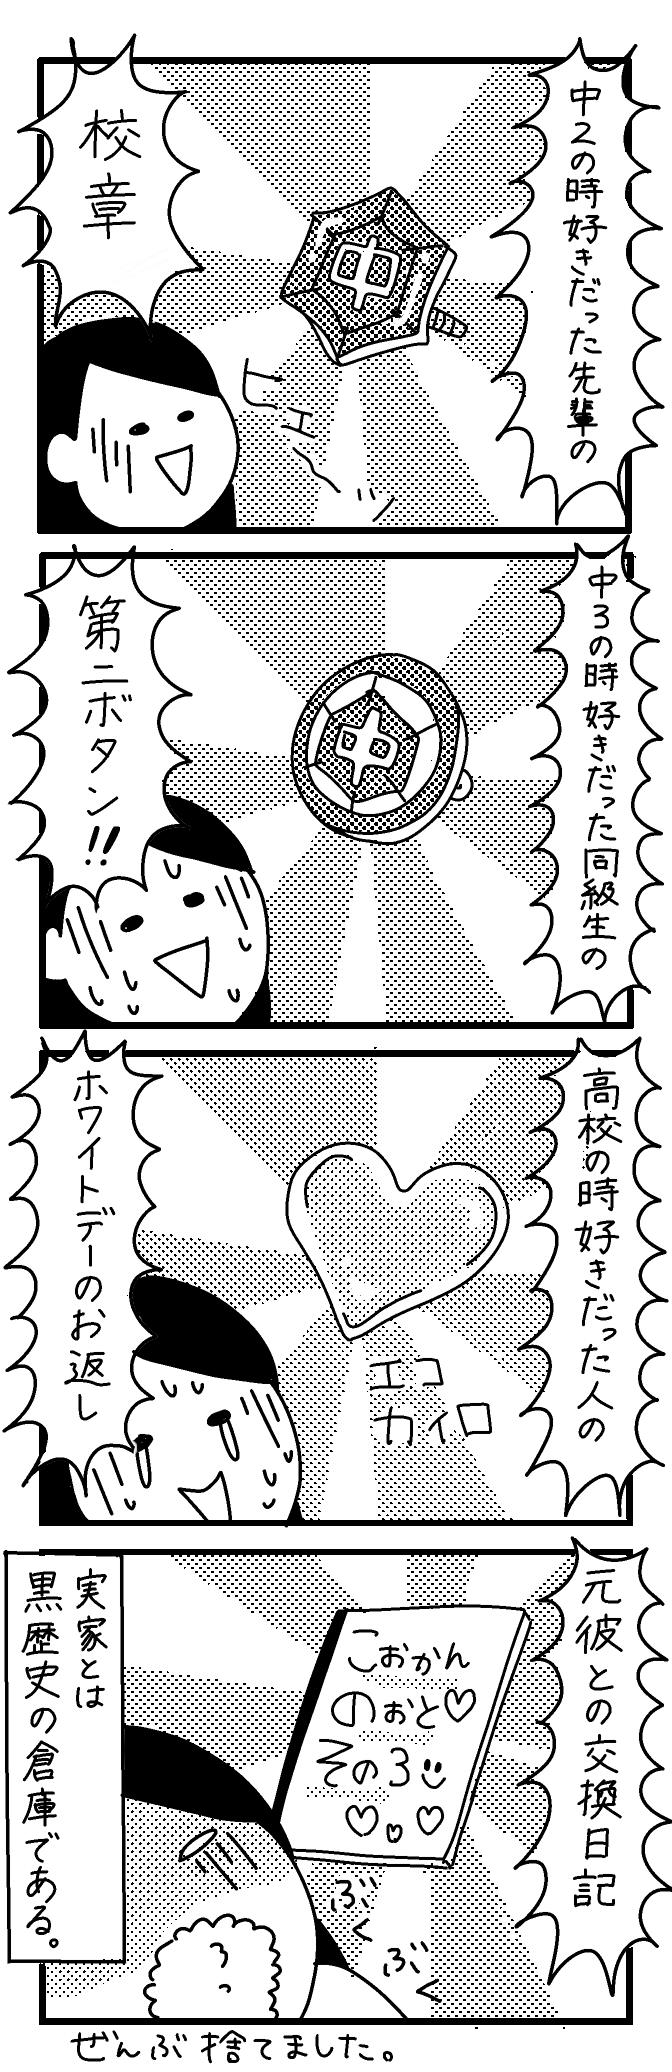 【4コマ漫画】第28回「ビクトリアな日々」作:ビクトリアブラディーヌ